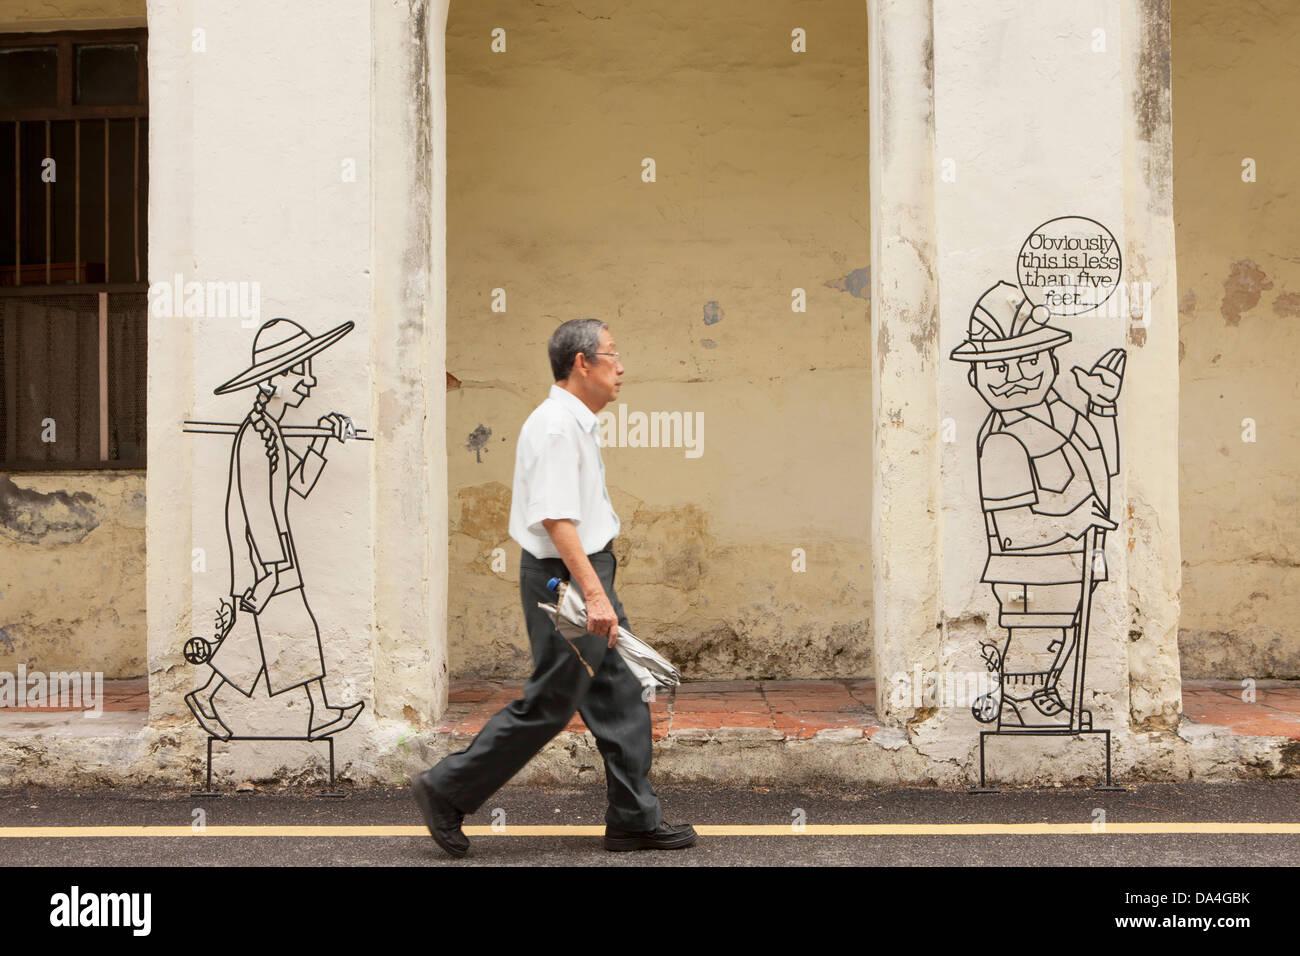 Penang Street Art Stock Photos Penang Street Art Stock Images Alamy